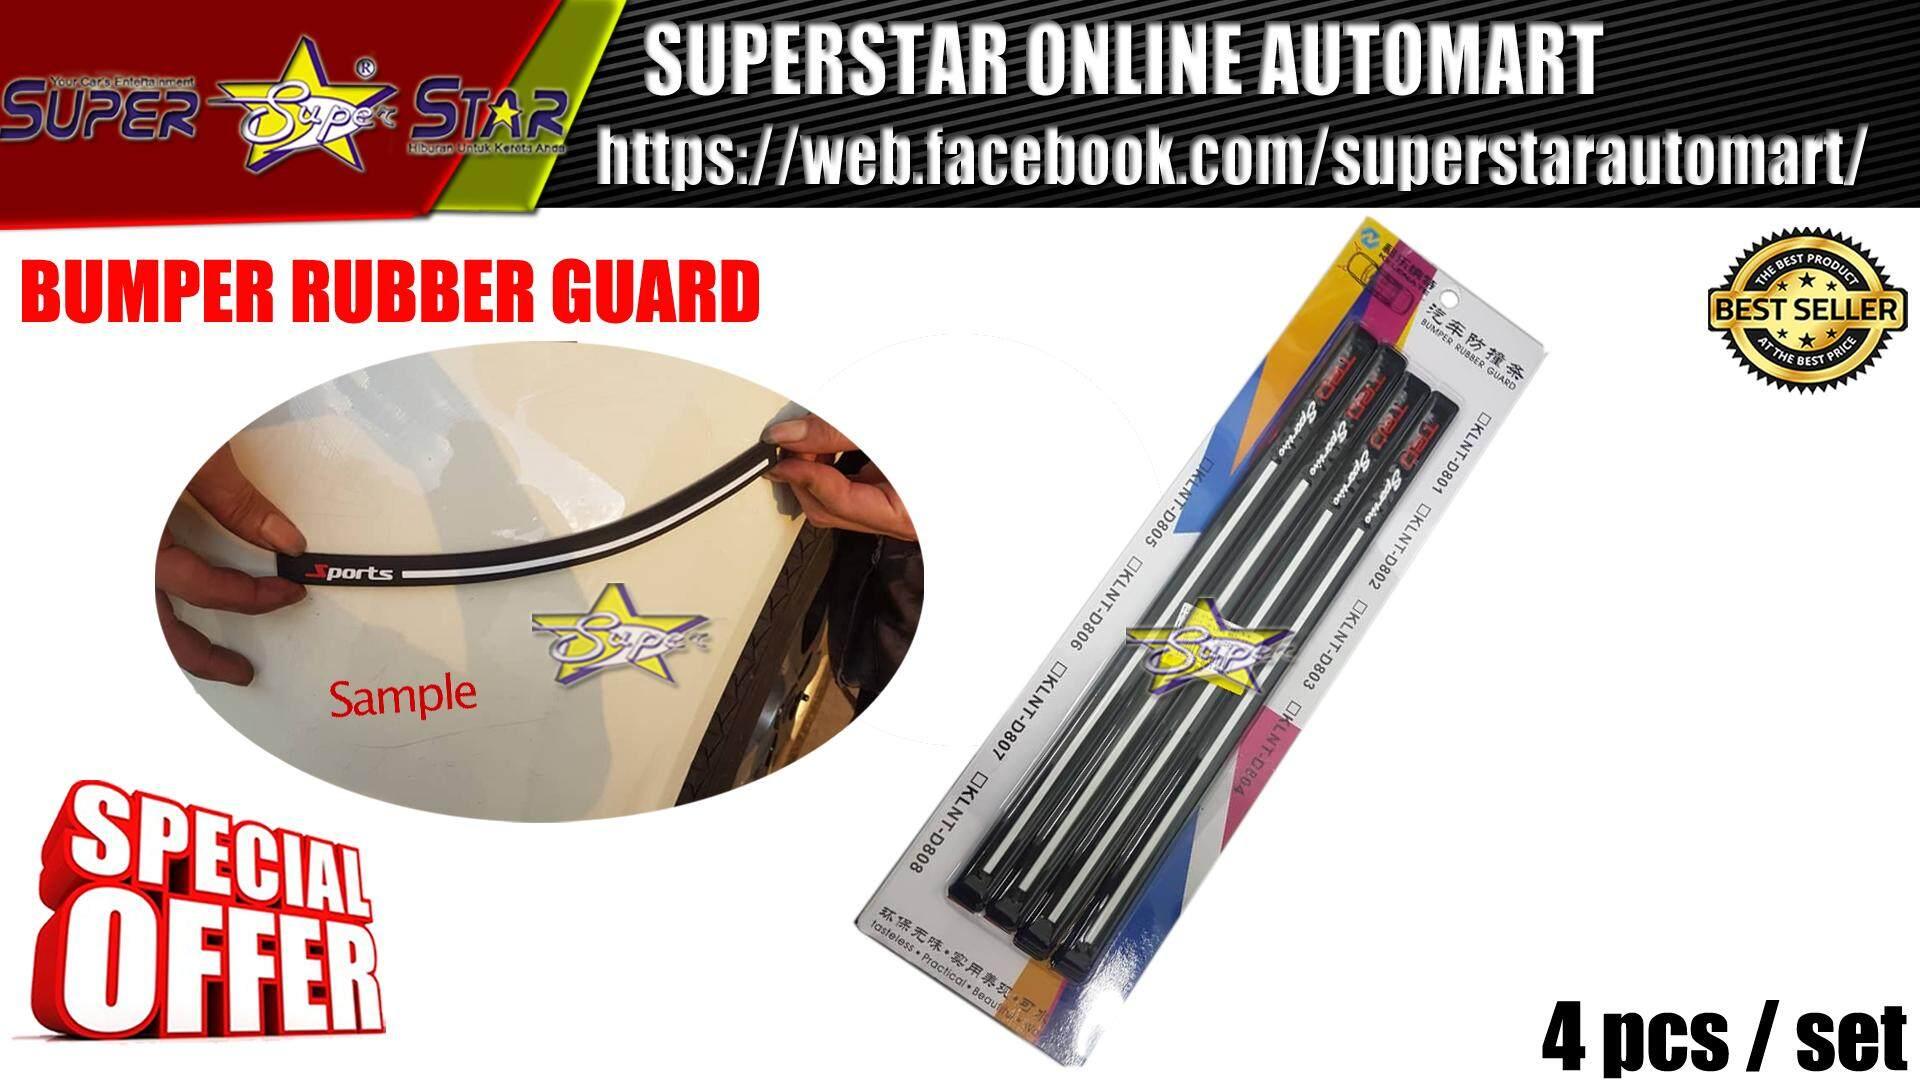 BUMPER RUBBER GUARD TRD (WHITE LINE)